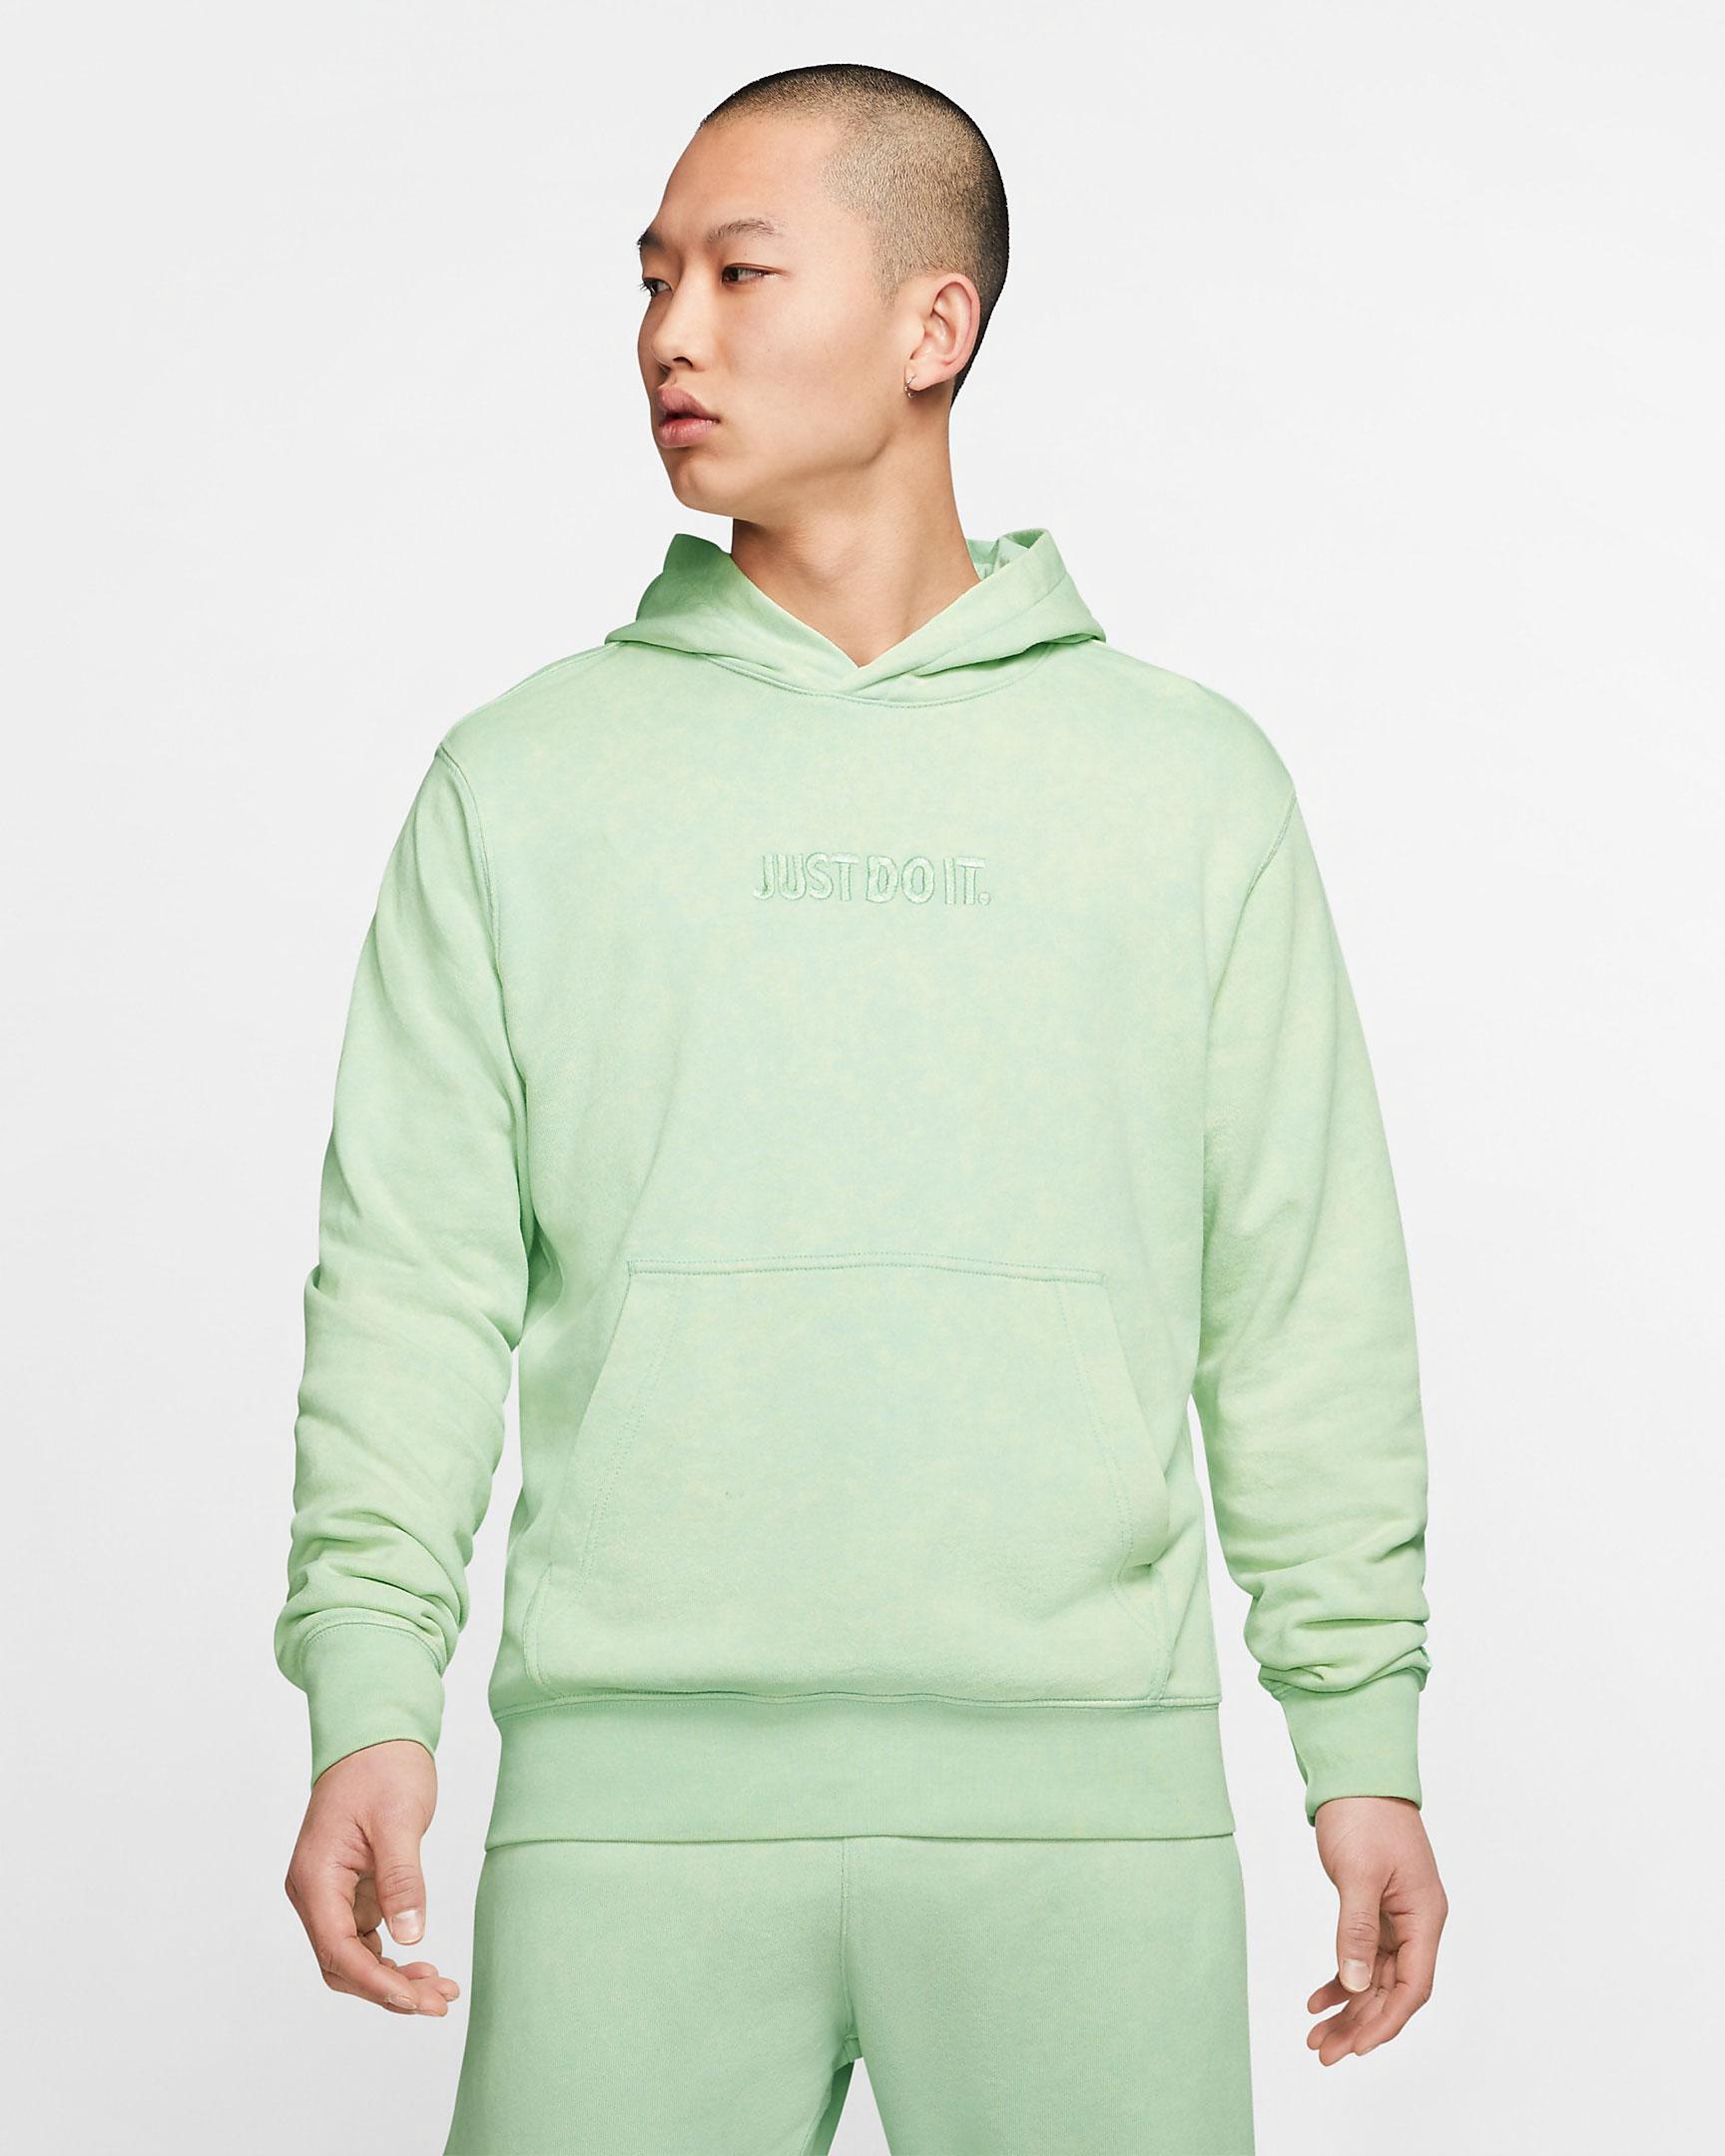 nike-sportswear-jdi-pistachio-frost-hoodie-1